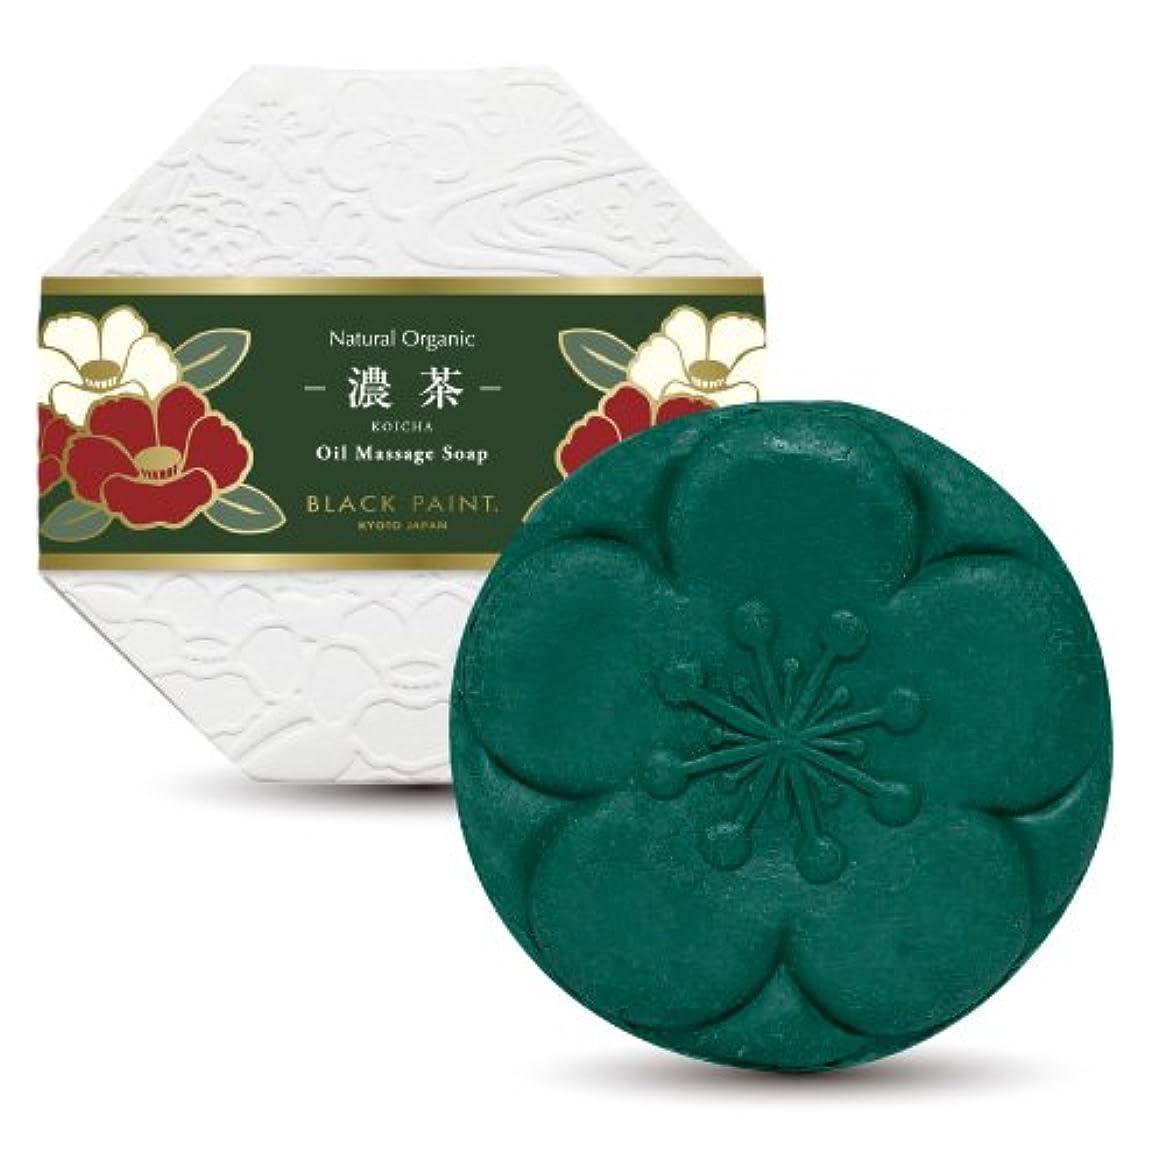 黒騒々しいうぬぼれた京のお茶石鹸 濃茶 120g 塗る石鹸